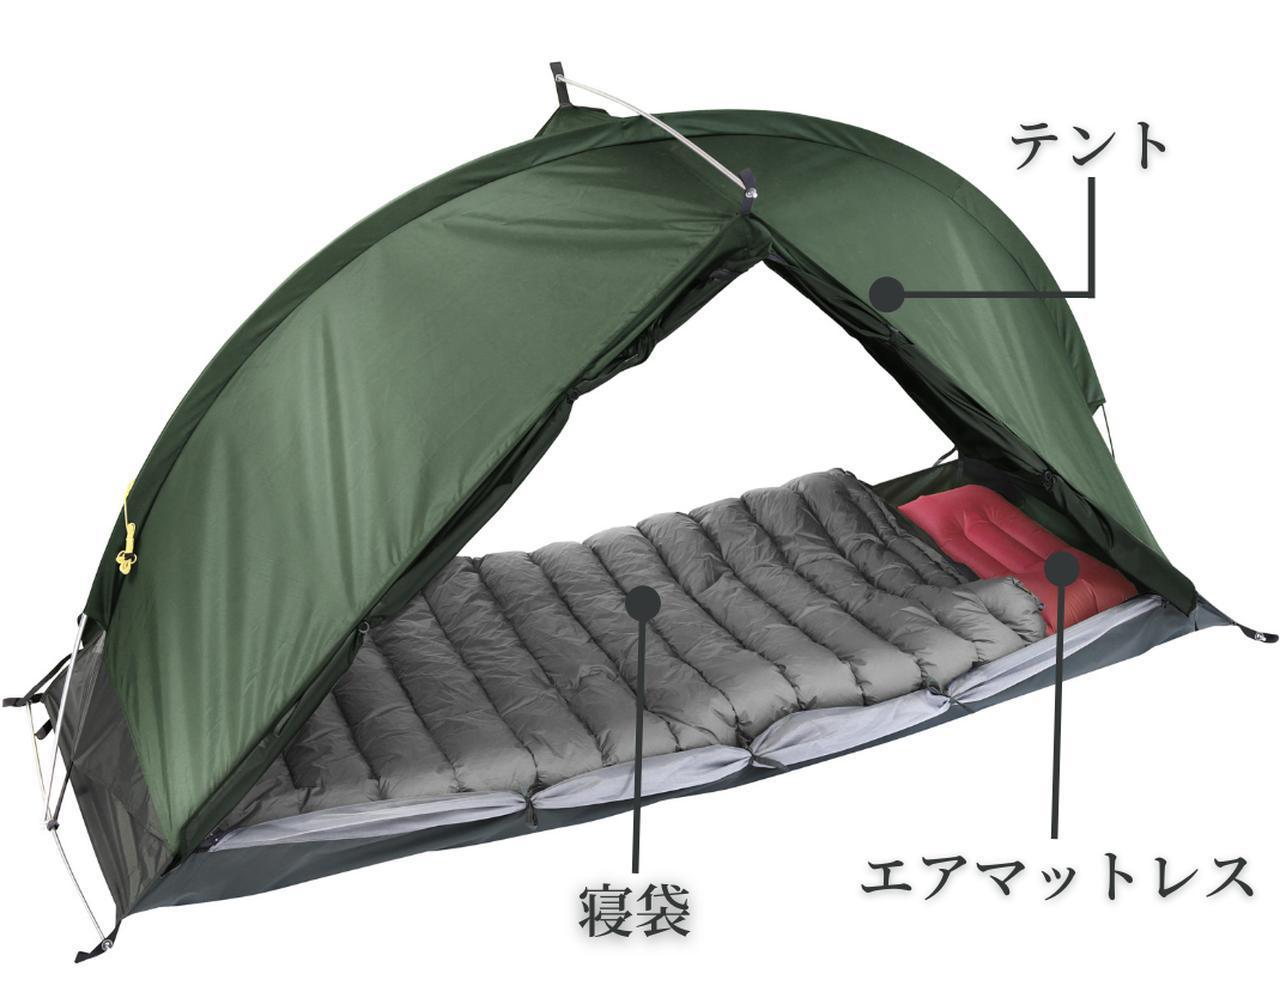 画像1: 寝るまで1分のらくらくテント登場、もう忘れ物の心配も無いんです